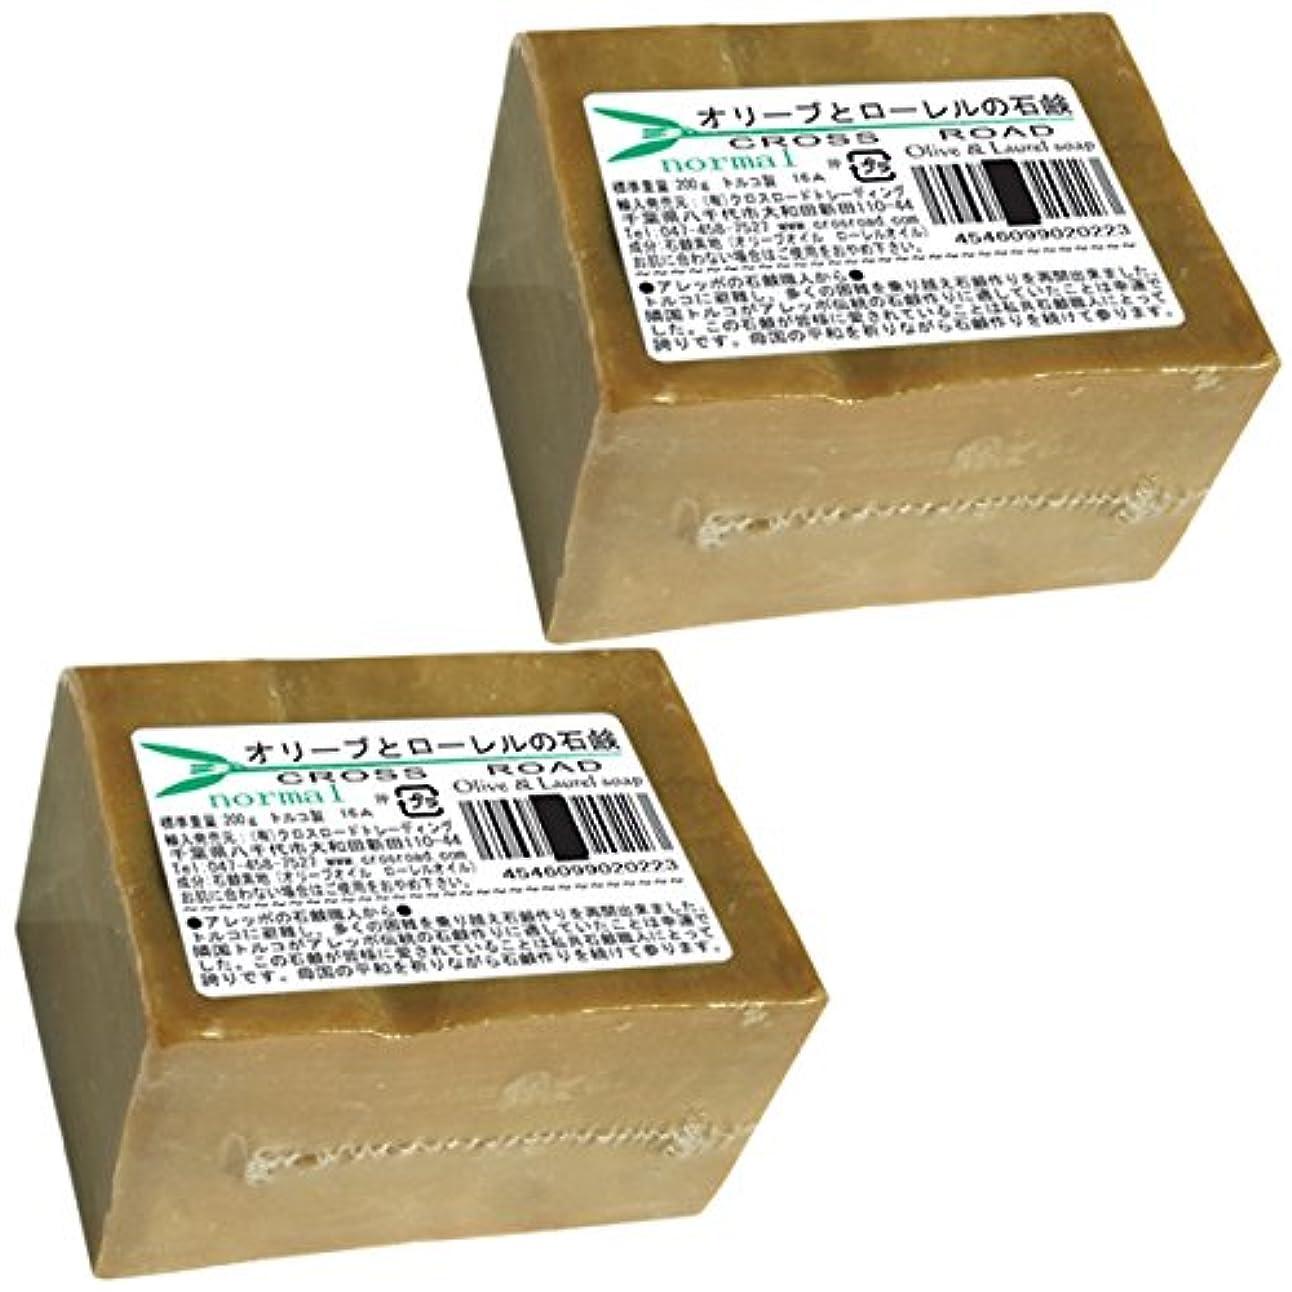 クライマックス出発寄付するオリーブとローレルの石鹸(ノーマル)2個セット[並行輸入品]